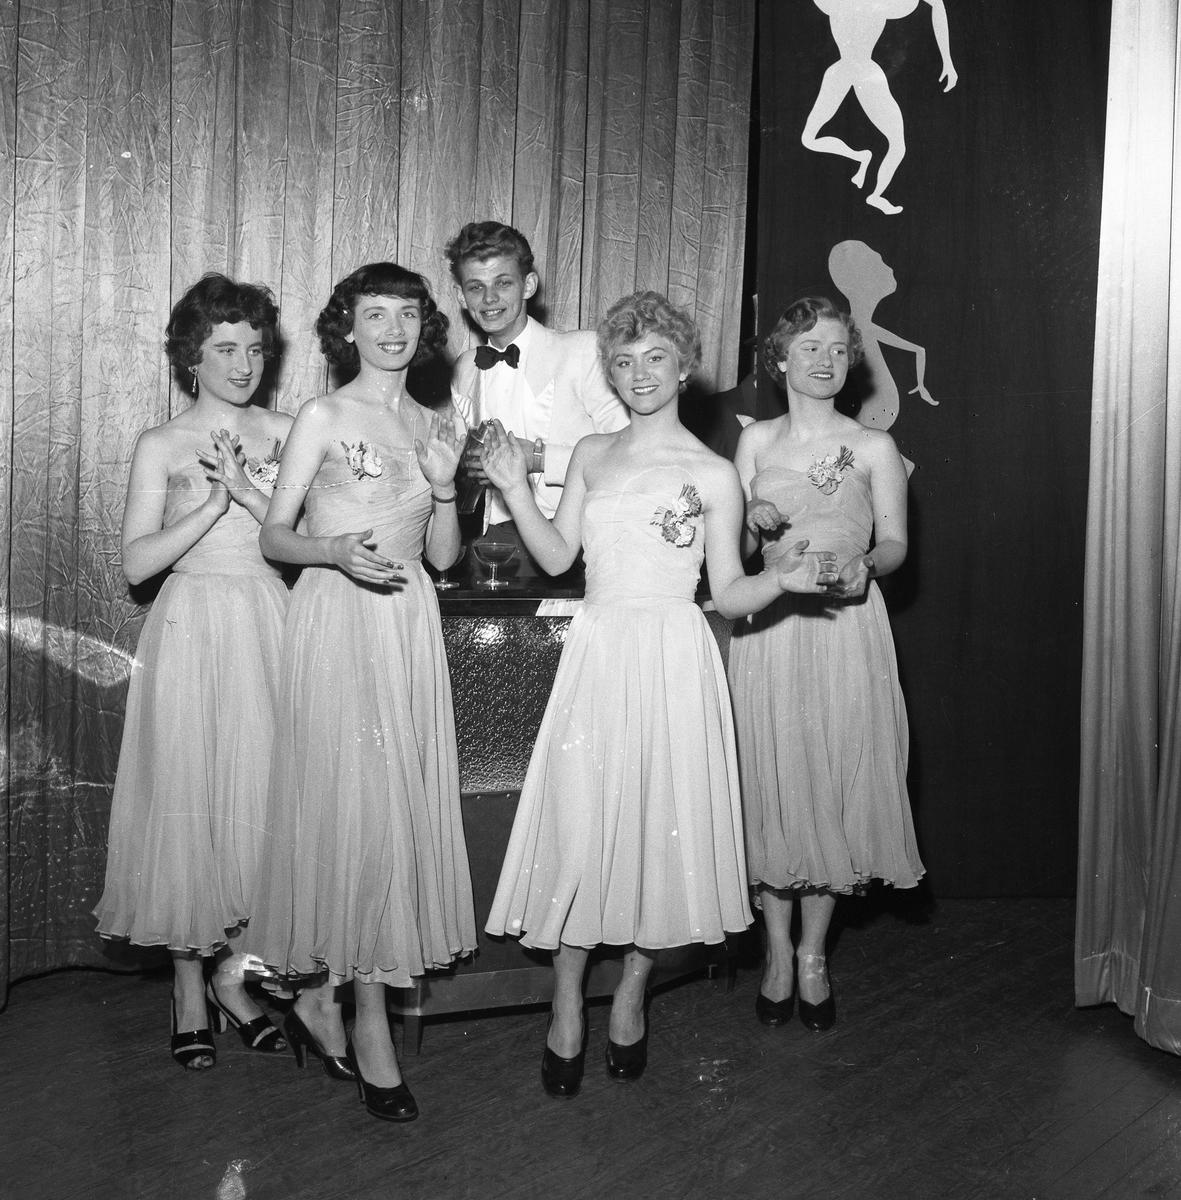 Medlemmarna i Arbogarevyn spelar upp sin Jubileumsrevy. På scenen, från vänster: Clary Eliasson, oidentifierad, Mats Torstensson, Gullan Kästämä och Mona Jansson (gift Waldnersson).